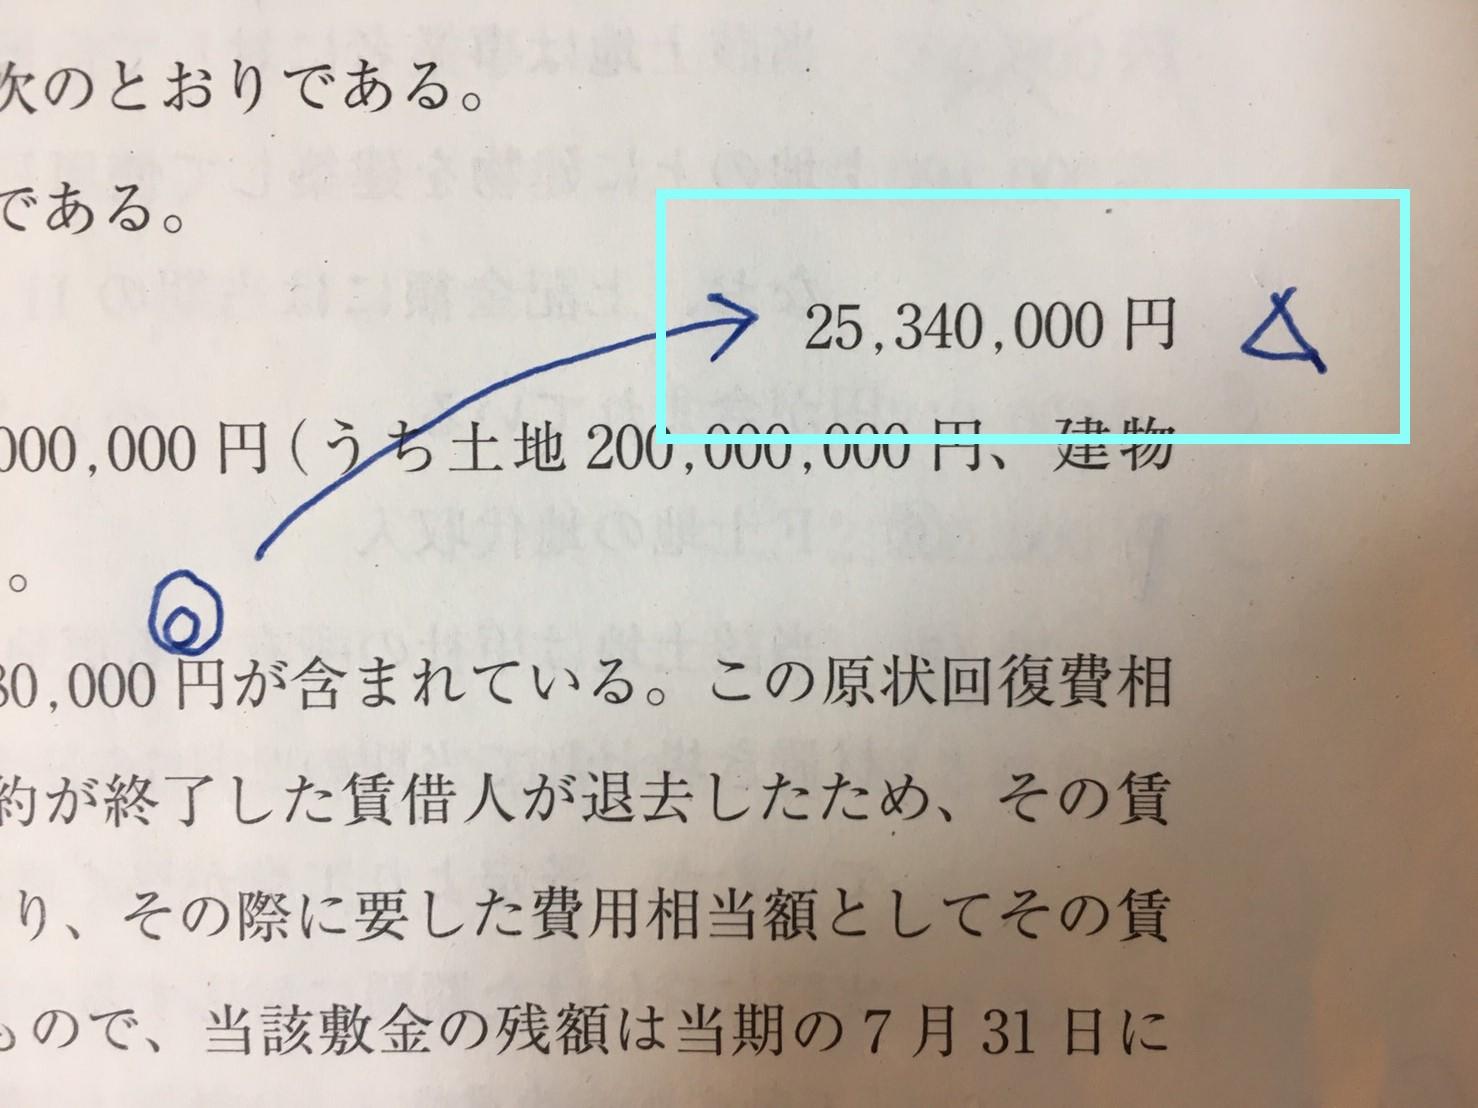 非課税取引の記載例